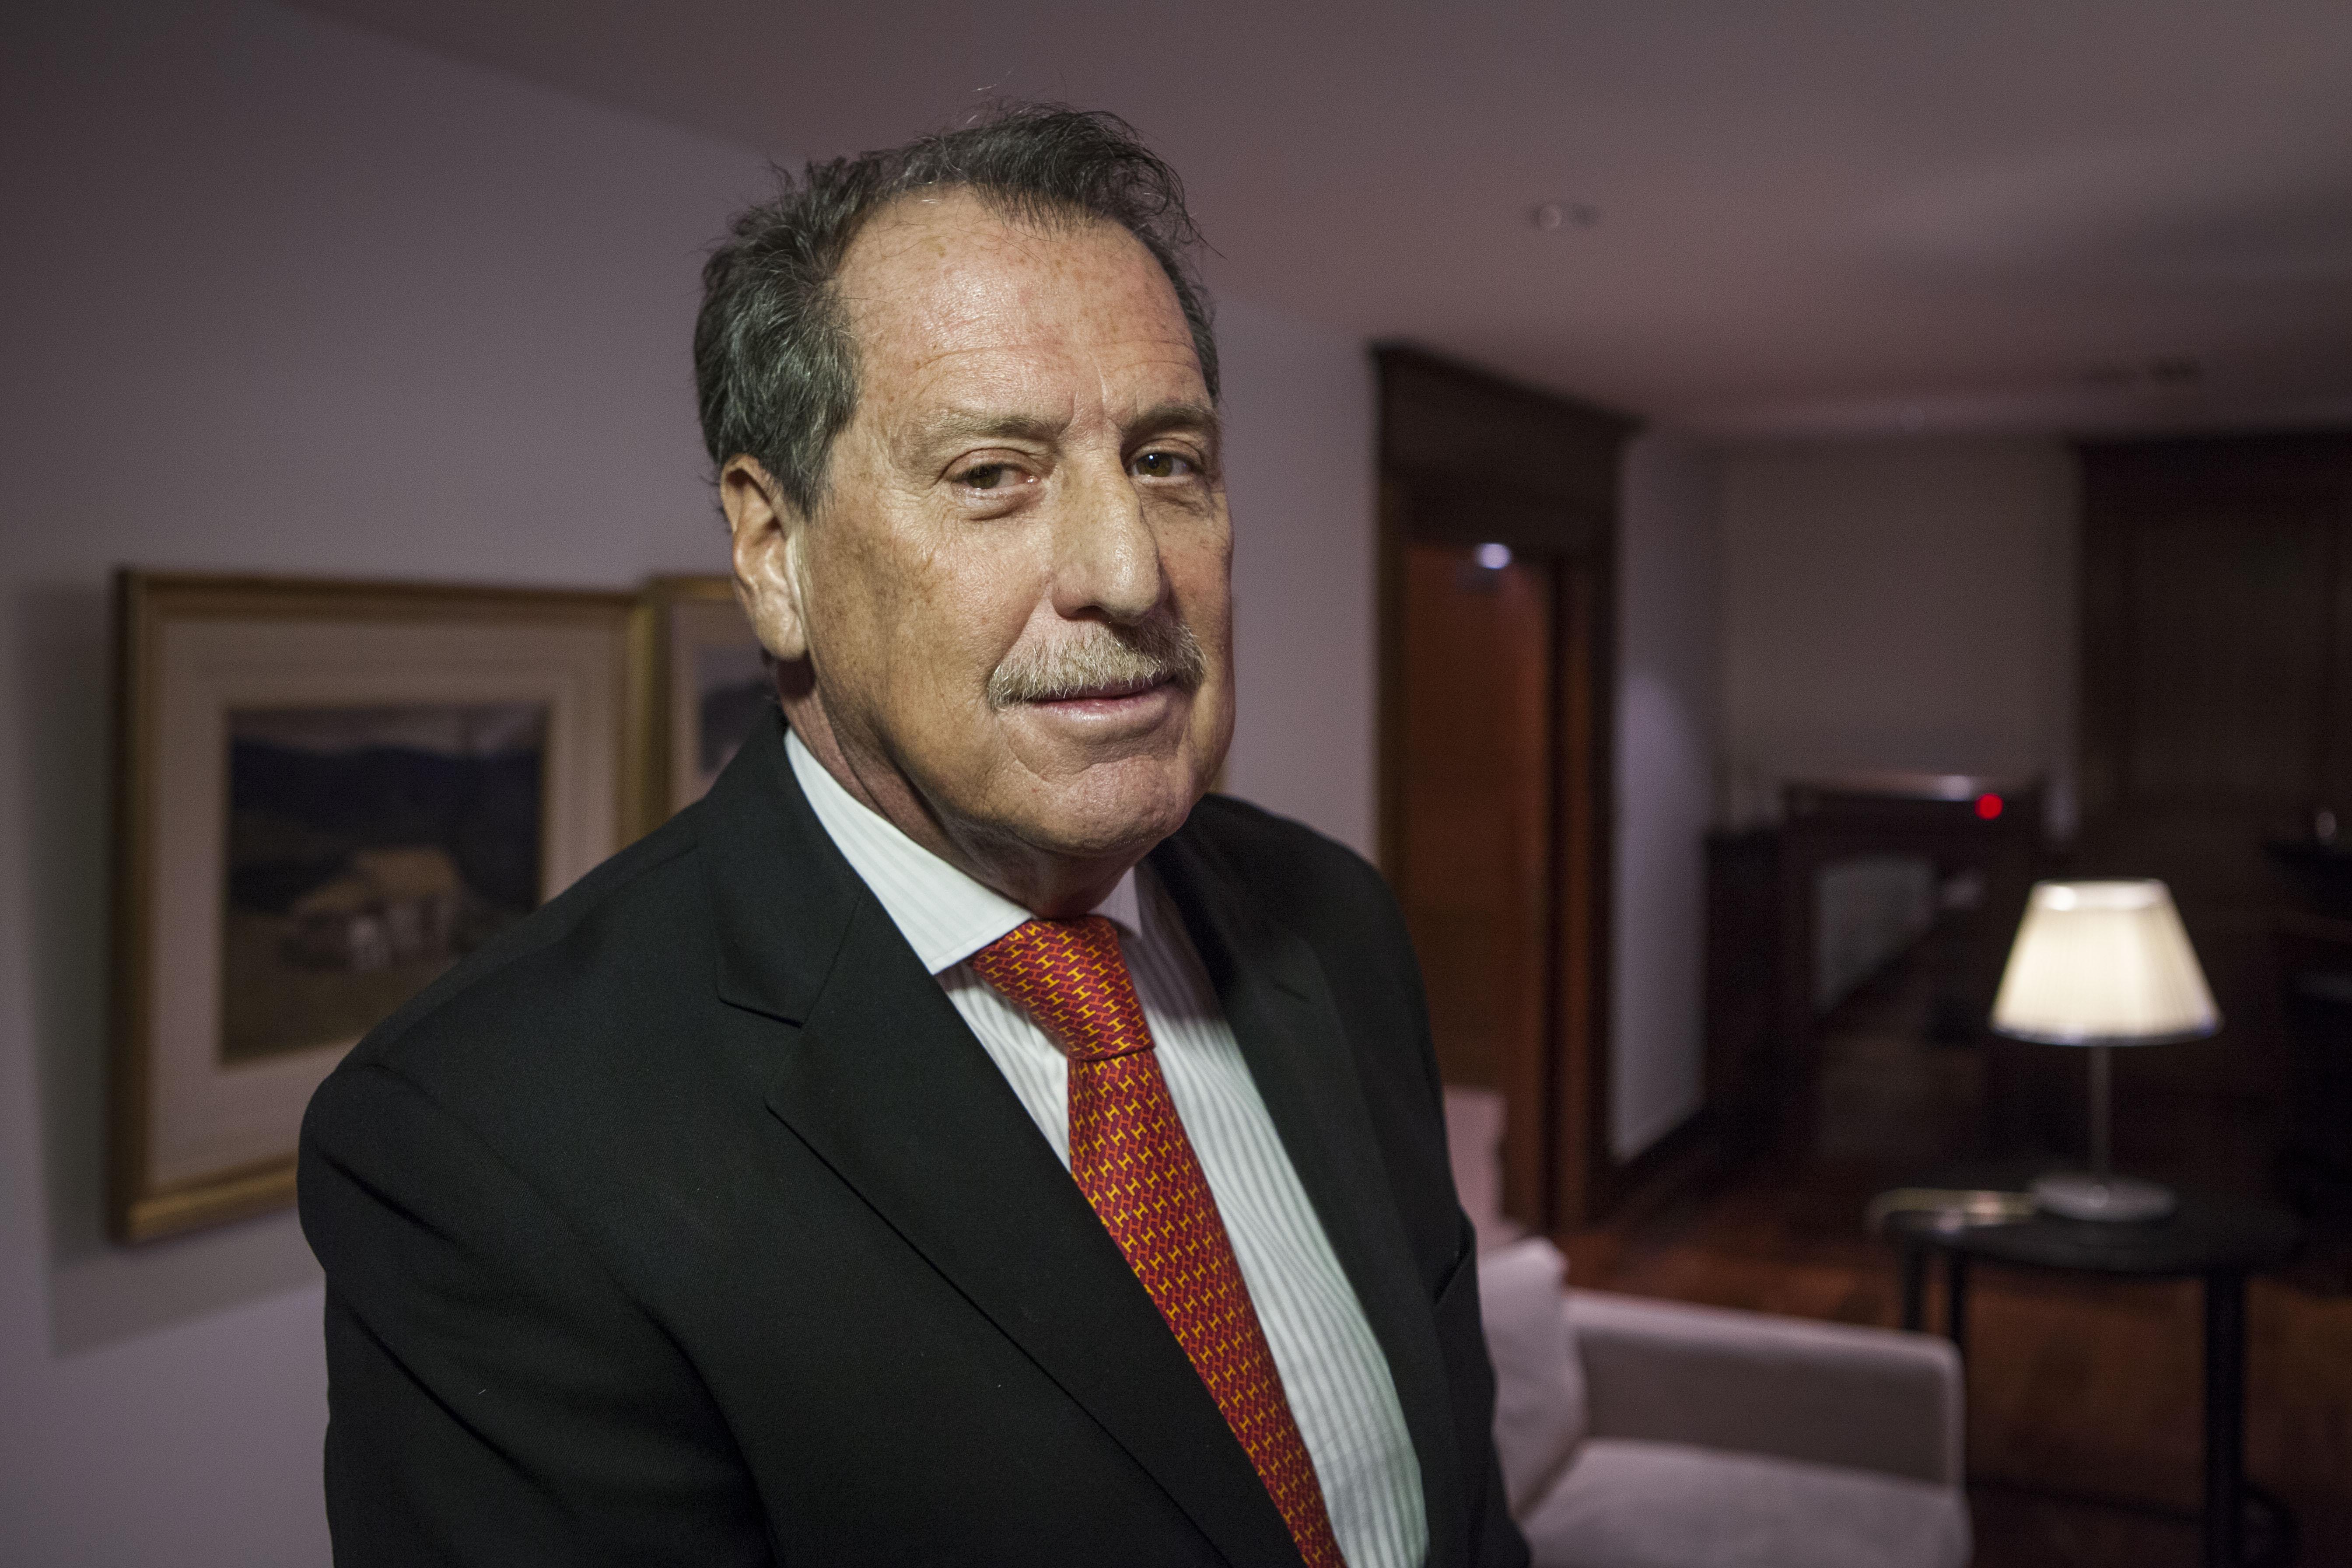 Muere en un accidente de helicóptero Jorge Brito, el banquero más poderoso de Argentina